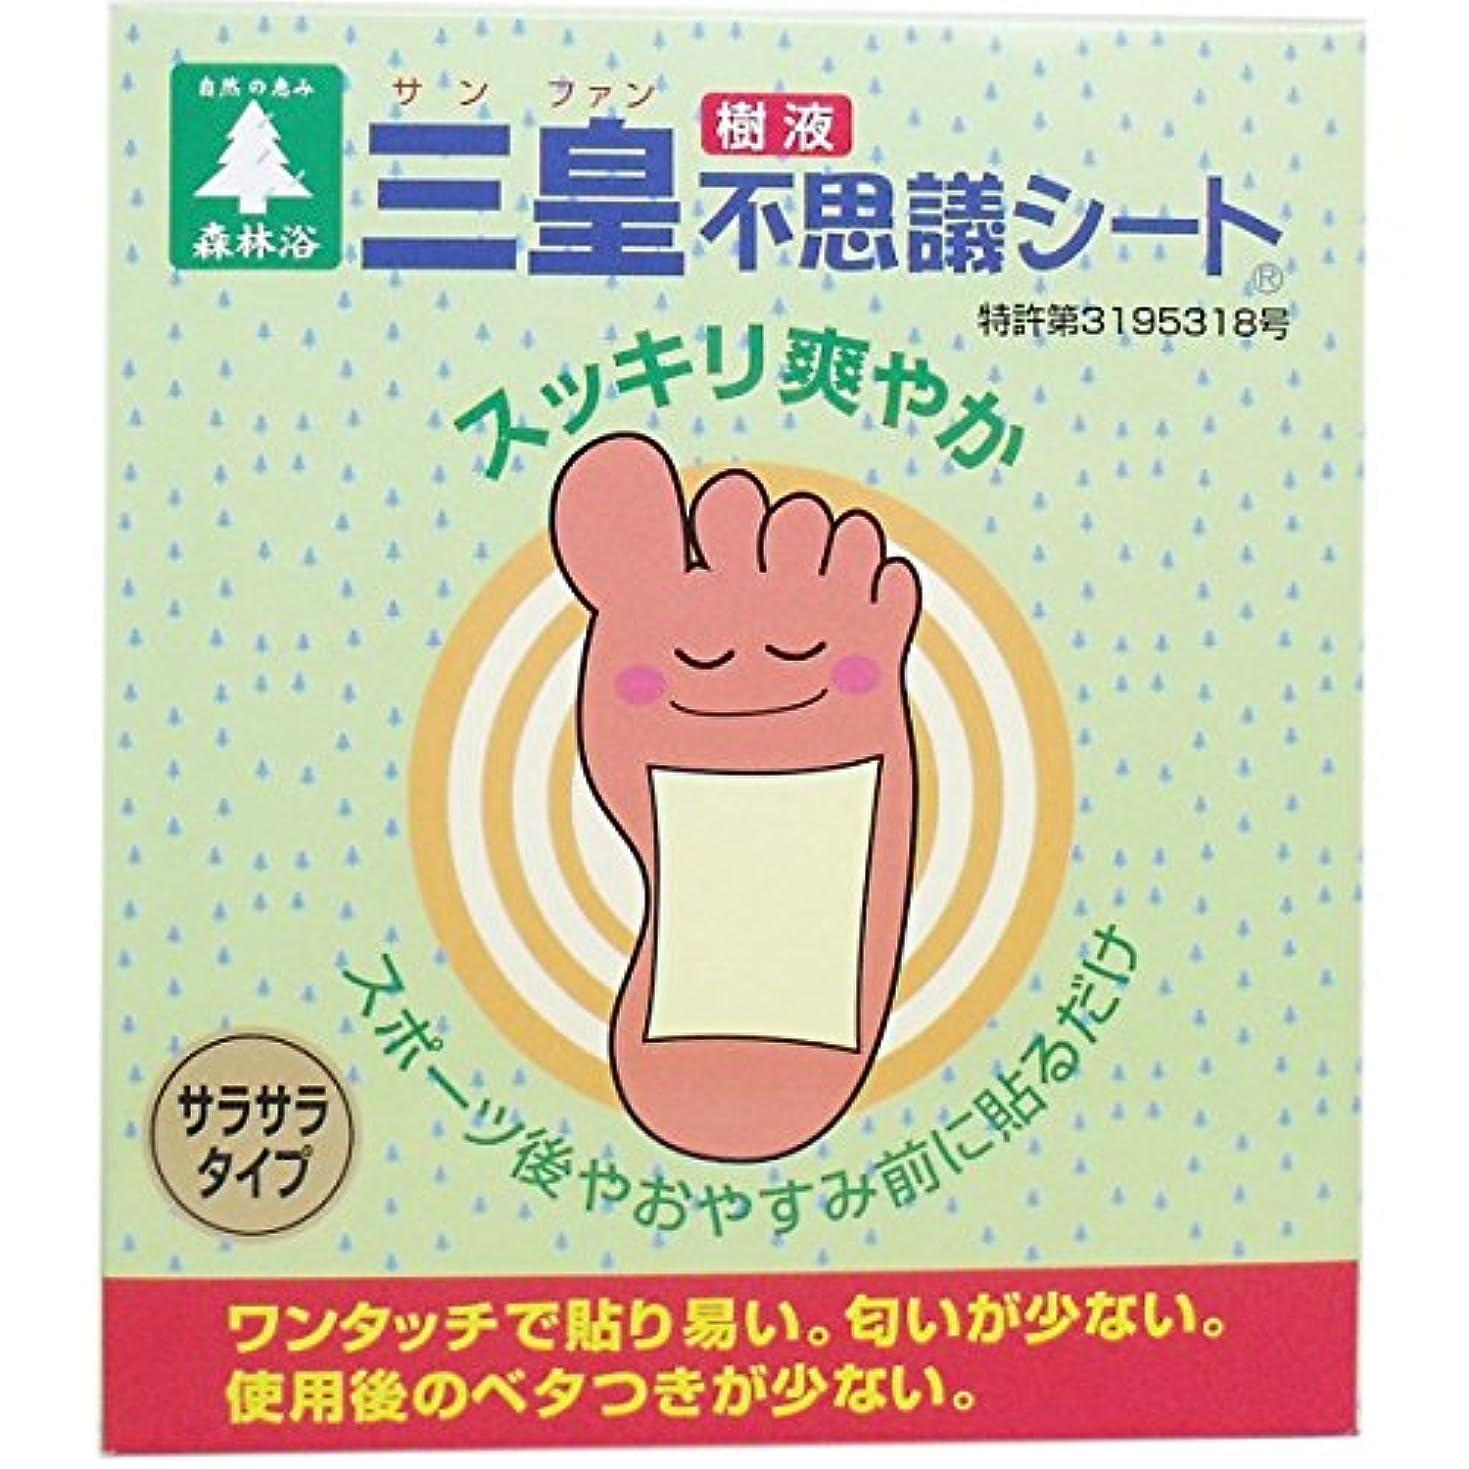 プロフィール切手歯痛ワンタッチで張り易い!三皇 樹液不思議シート 一体型 30枚【5個セット】